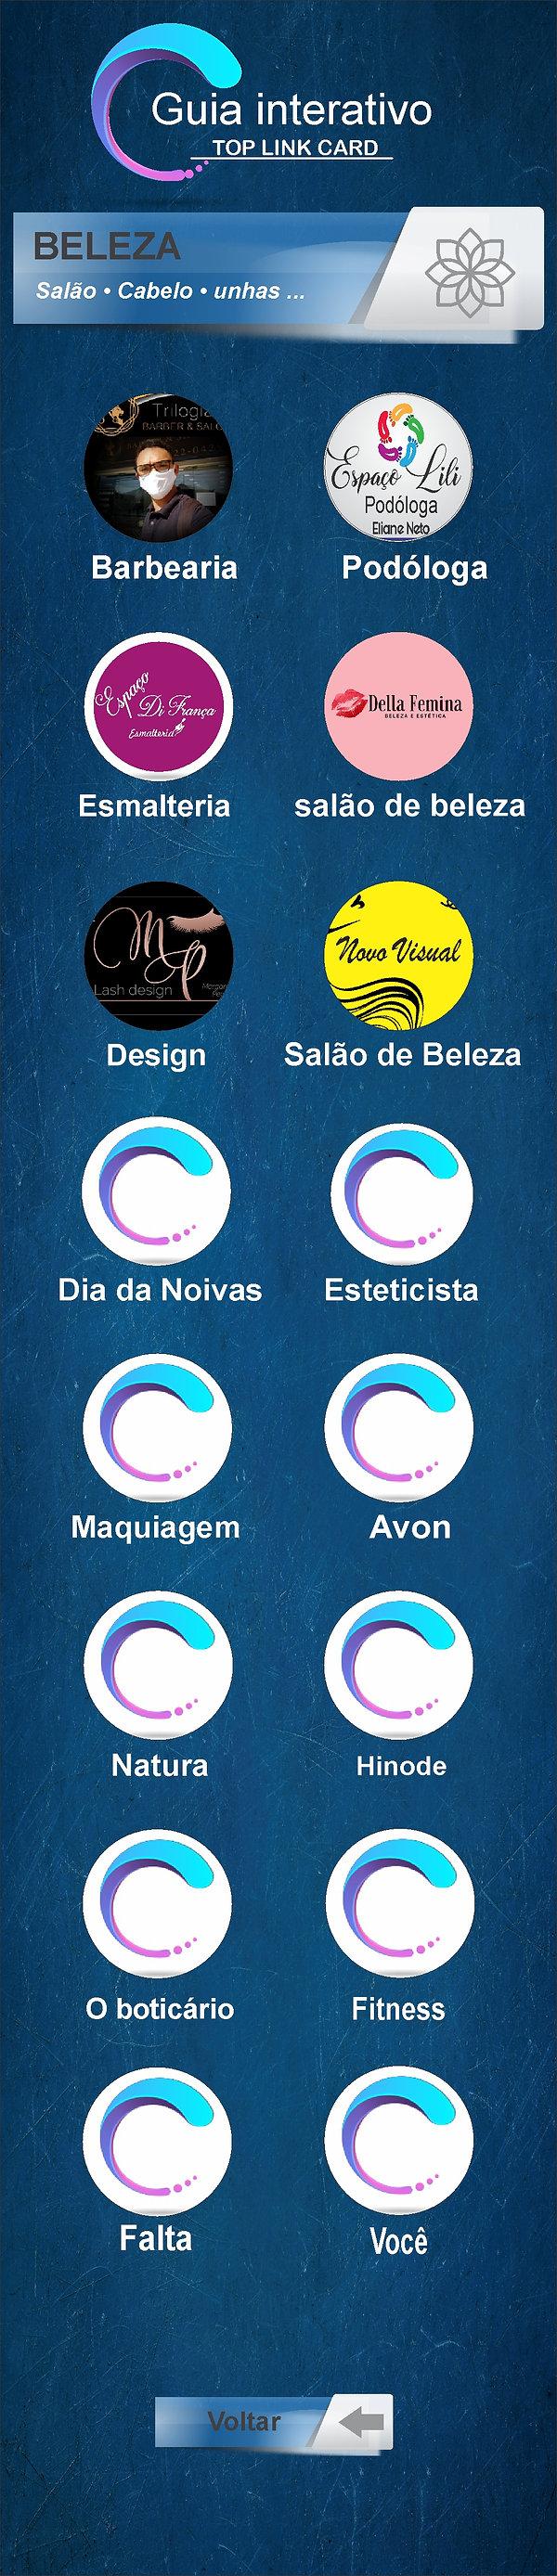 4- Beleza.jpg